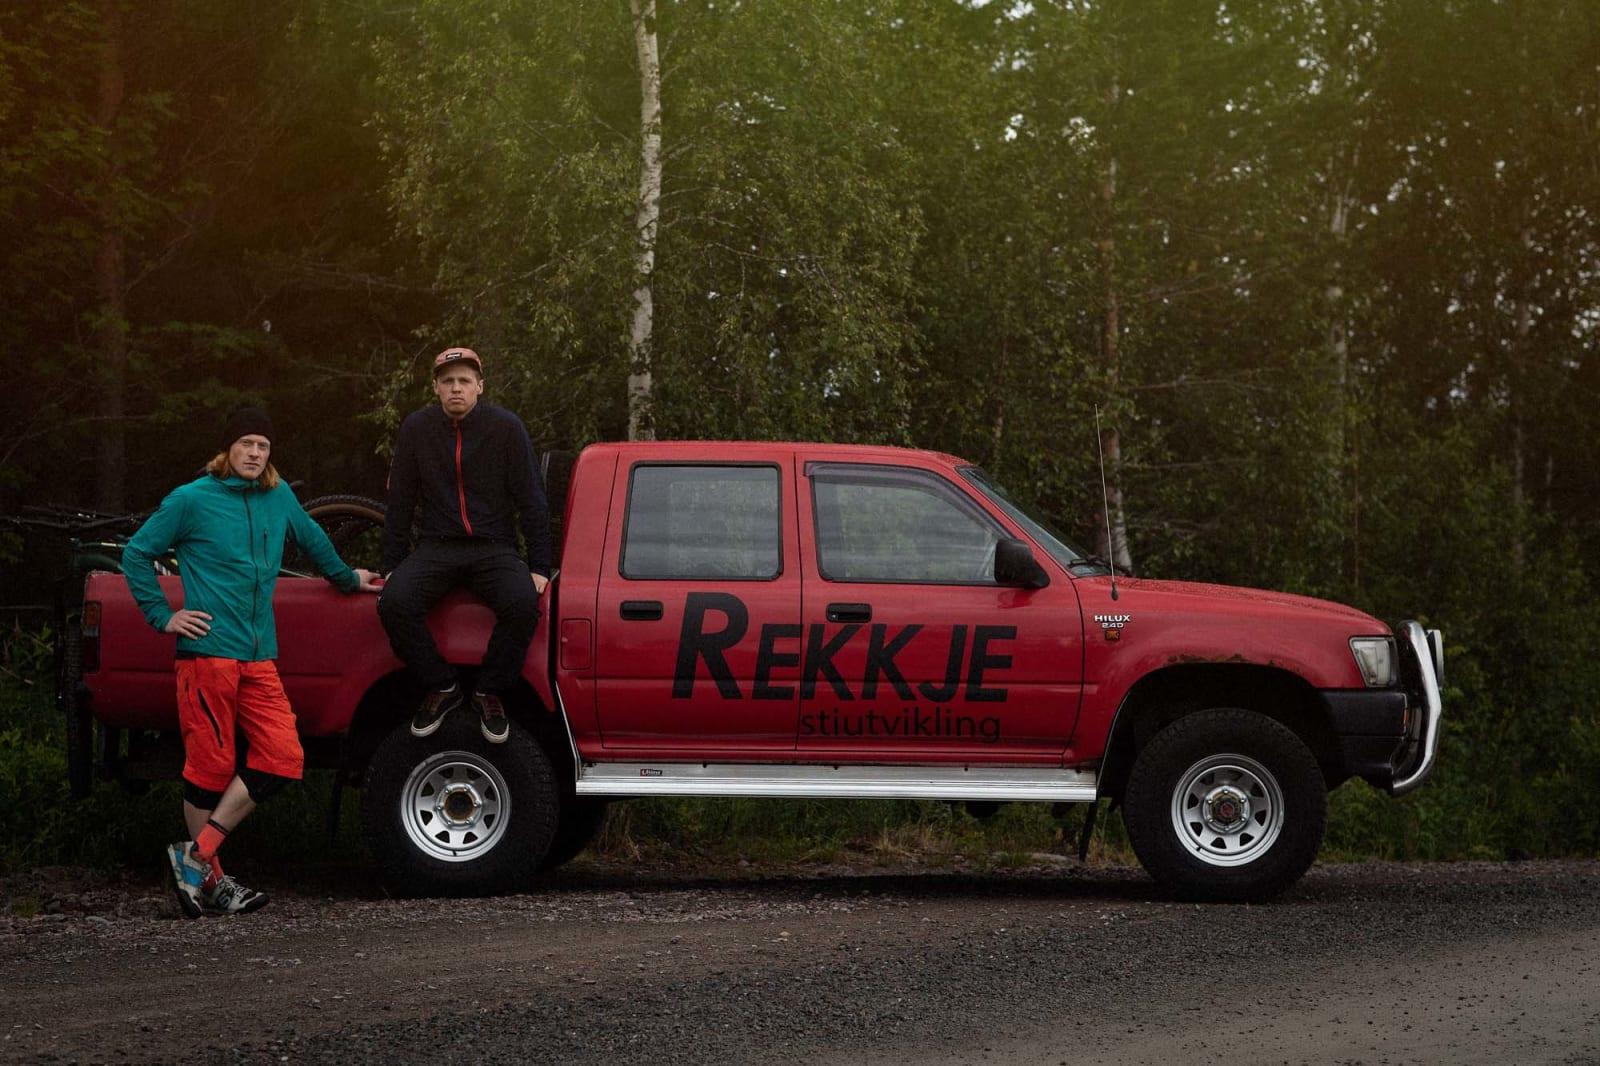 FIRMABIL: Roald Eidsheim og kollega Trygg Lindkjølen ankom Trysil med stil, i egen firmabil. Foto: Kristoffer H. Kippernes